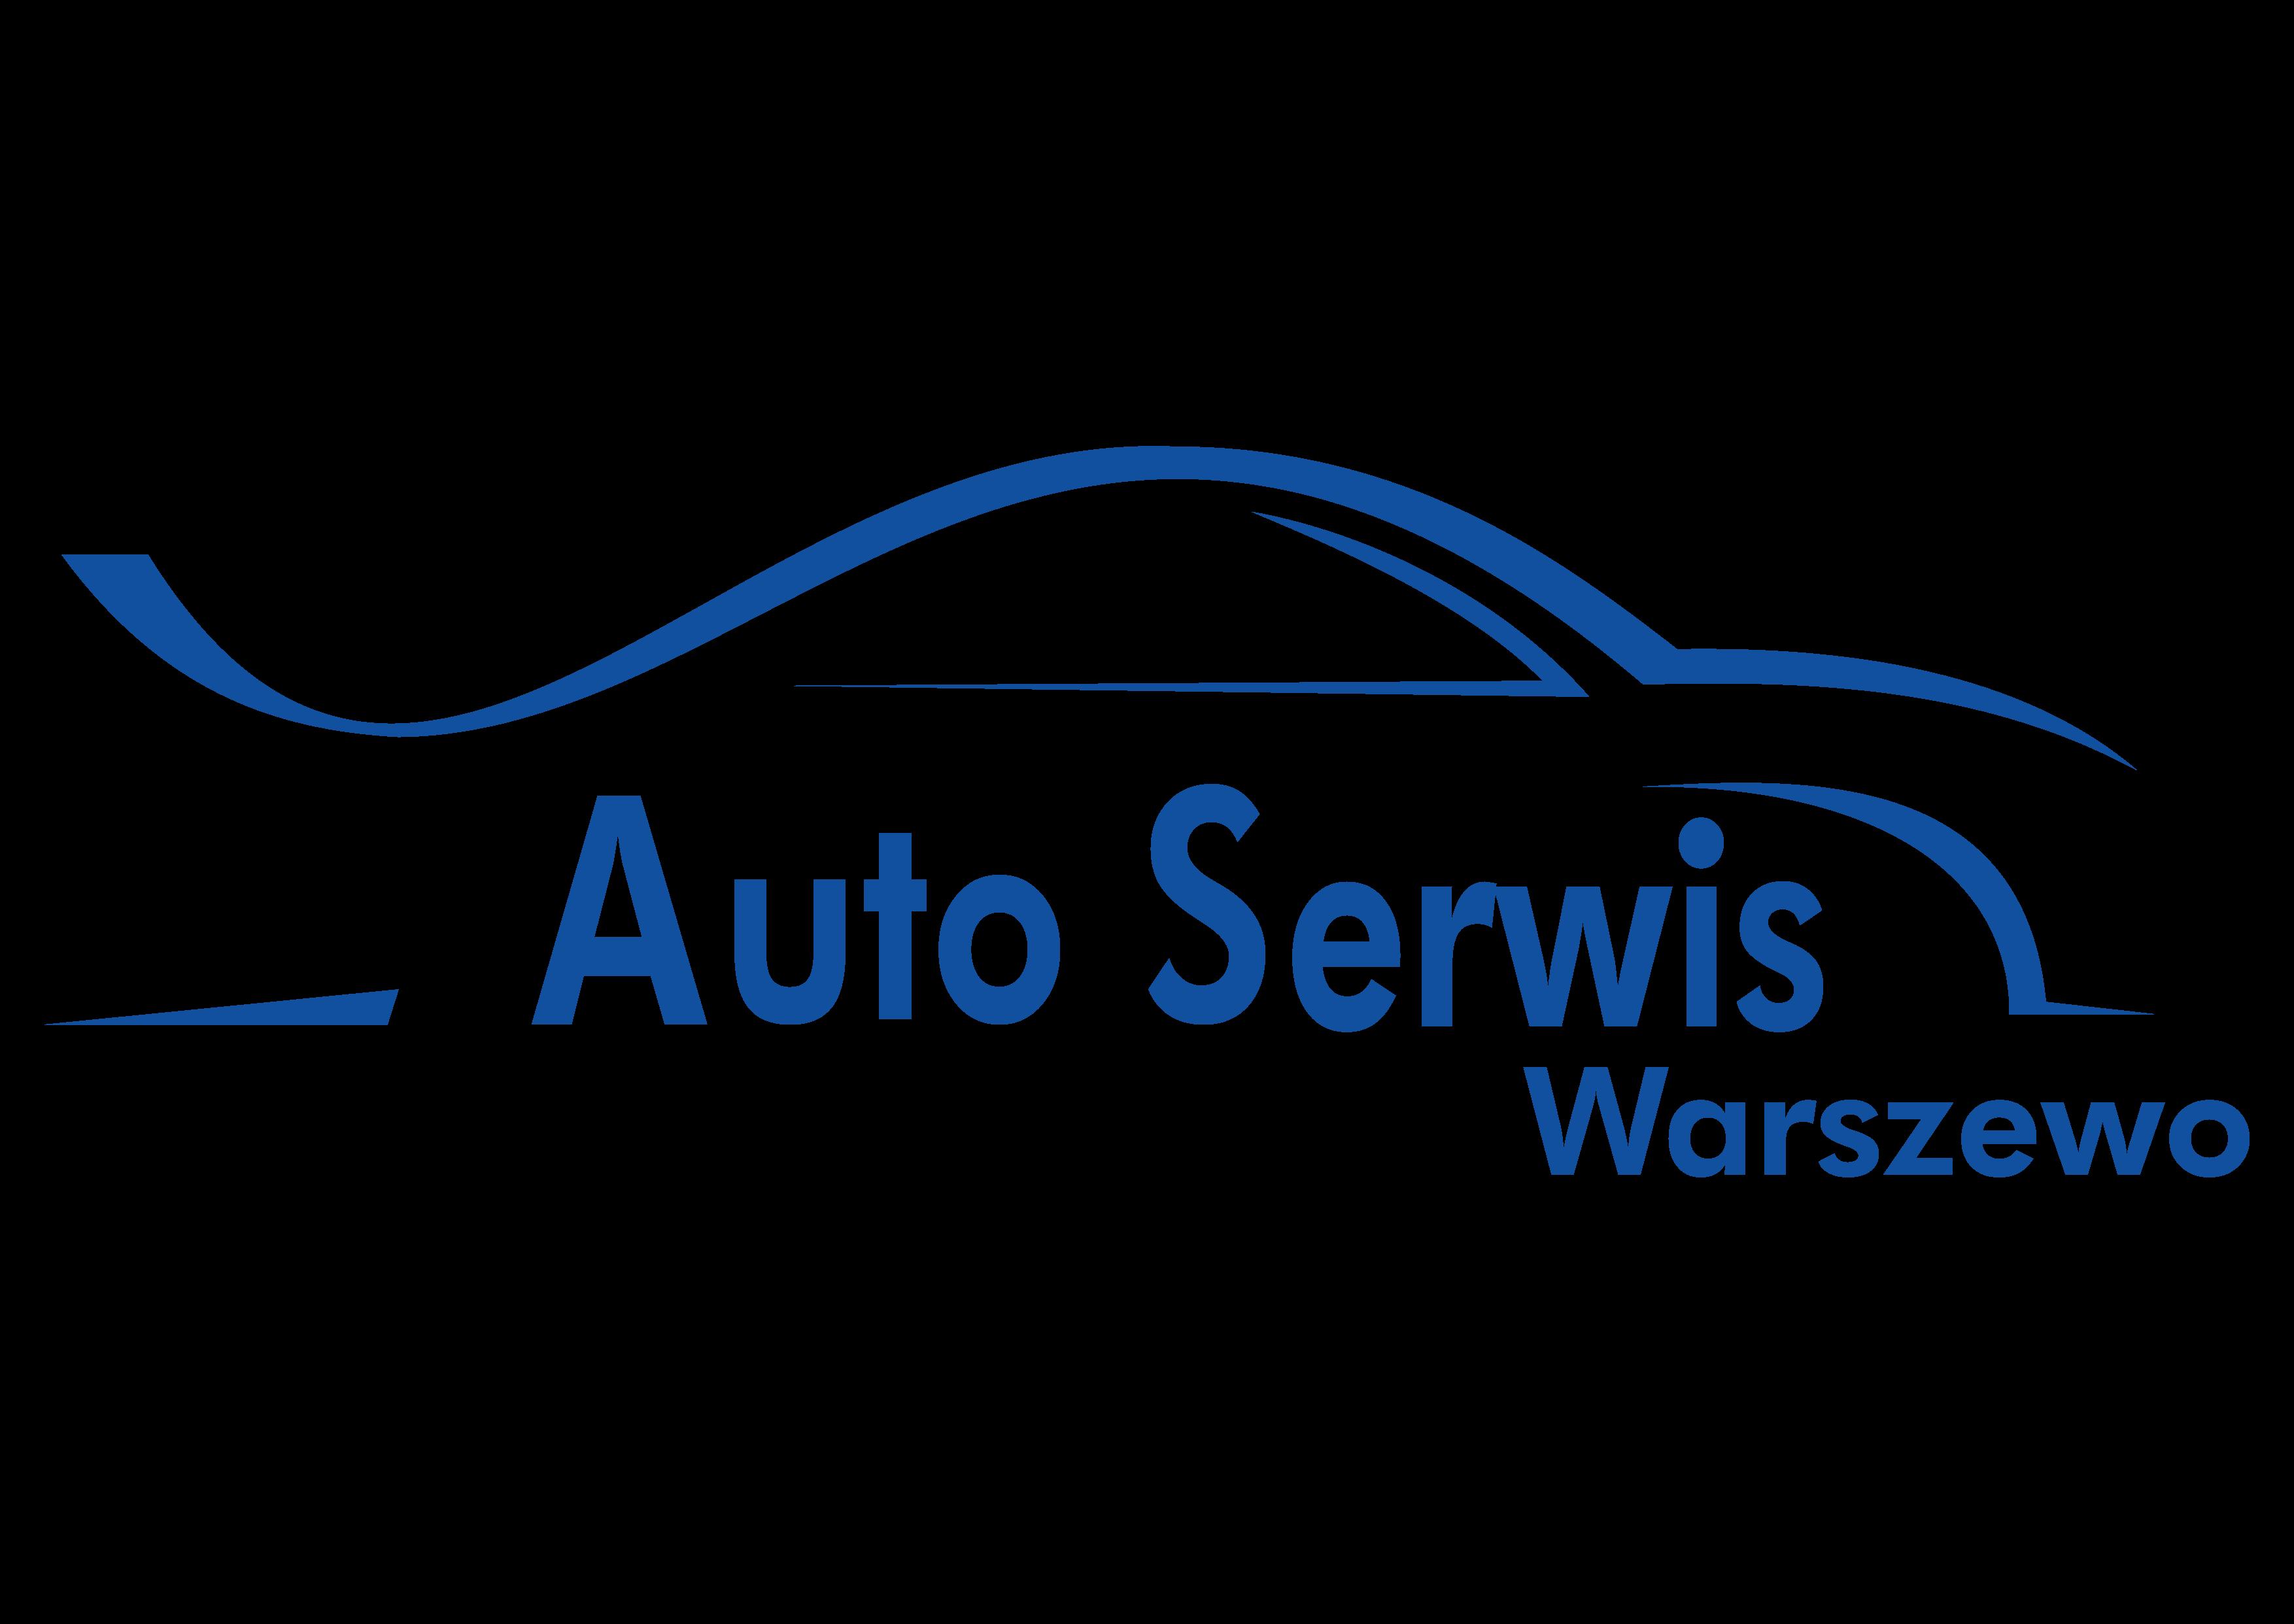 Auto Serwis Warszewo wymiana opon